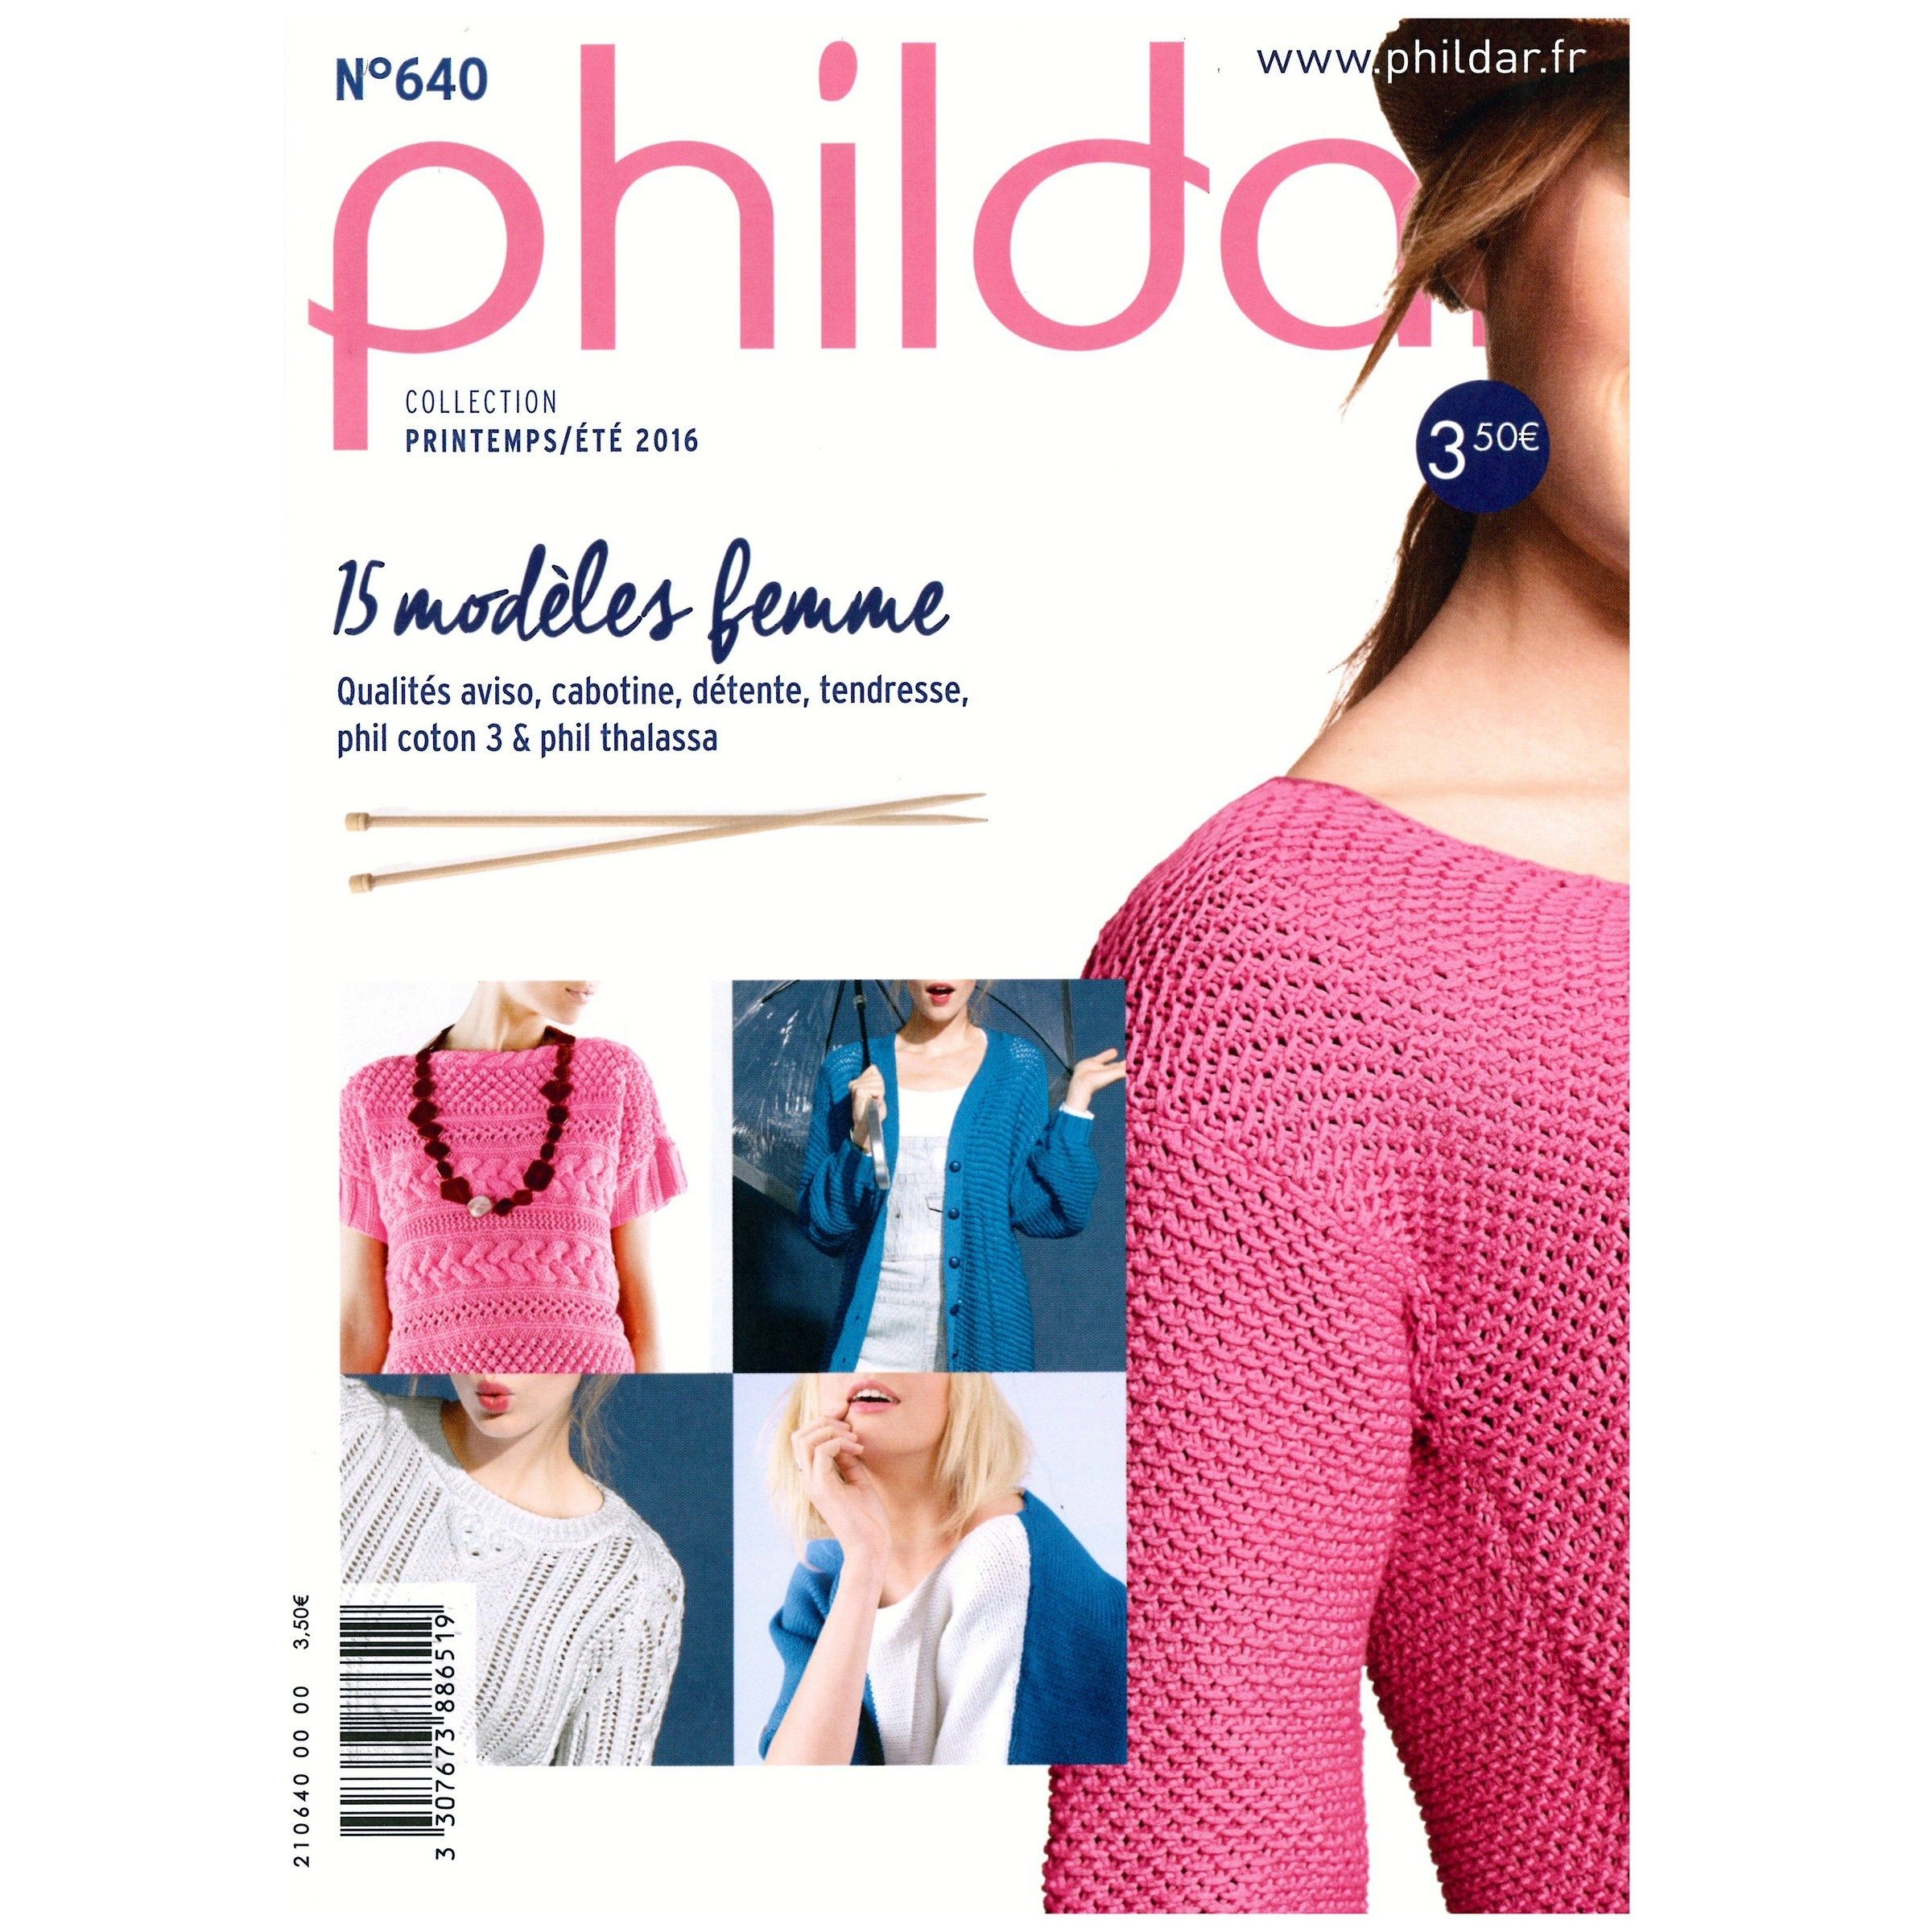 catalogue phildar femme 2015